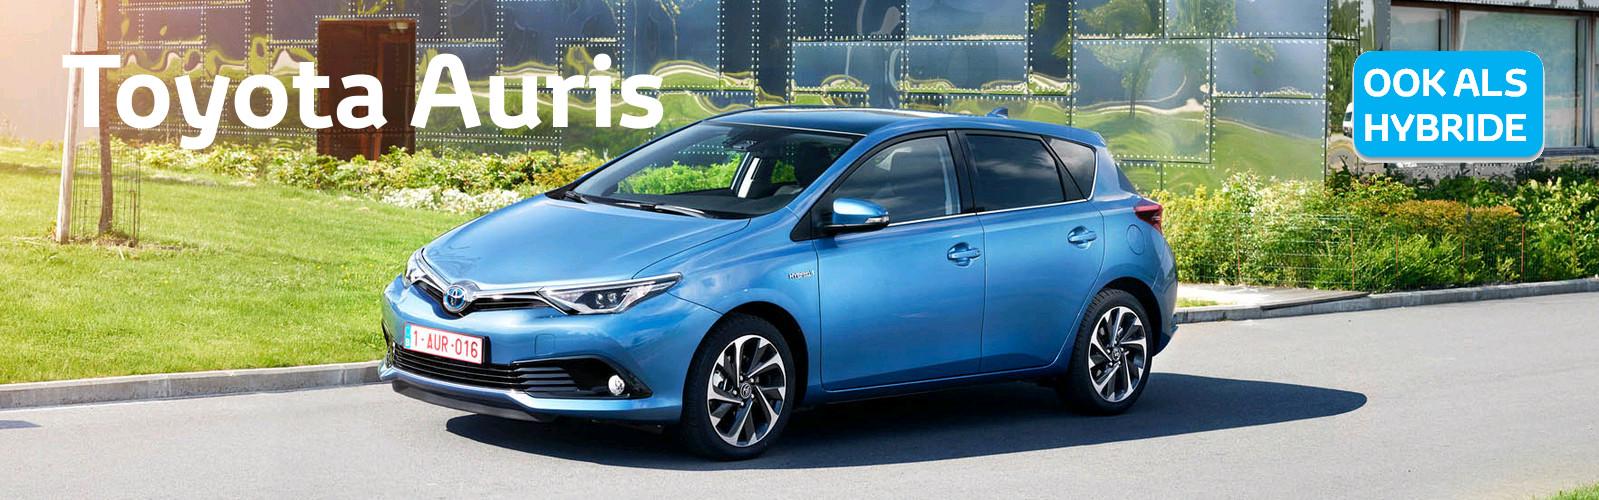 Toyota Auris De Betrouwbare En Zuinige Auto Voor Zowel Zakelijk